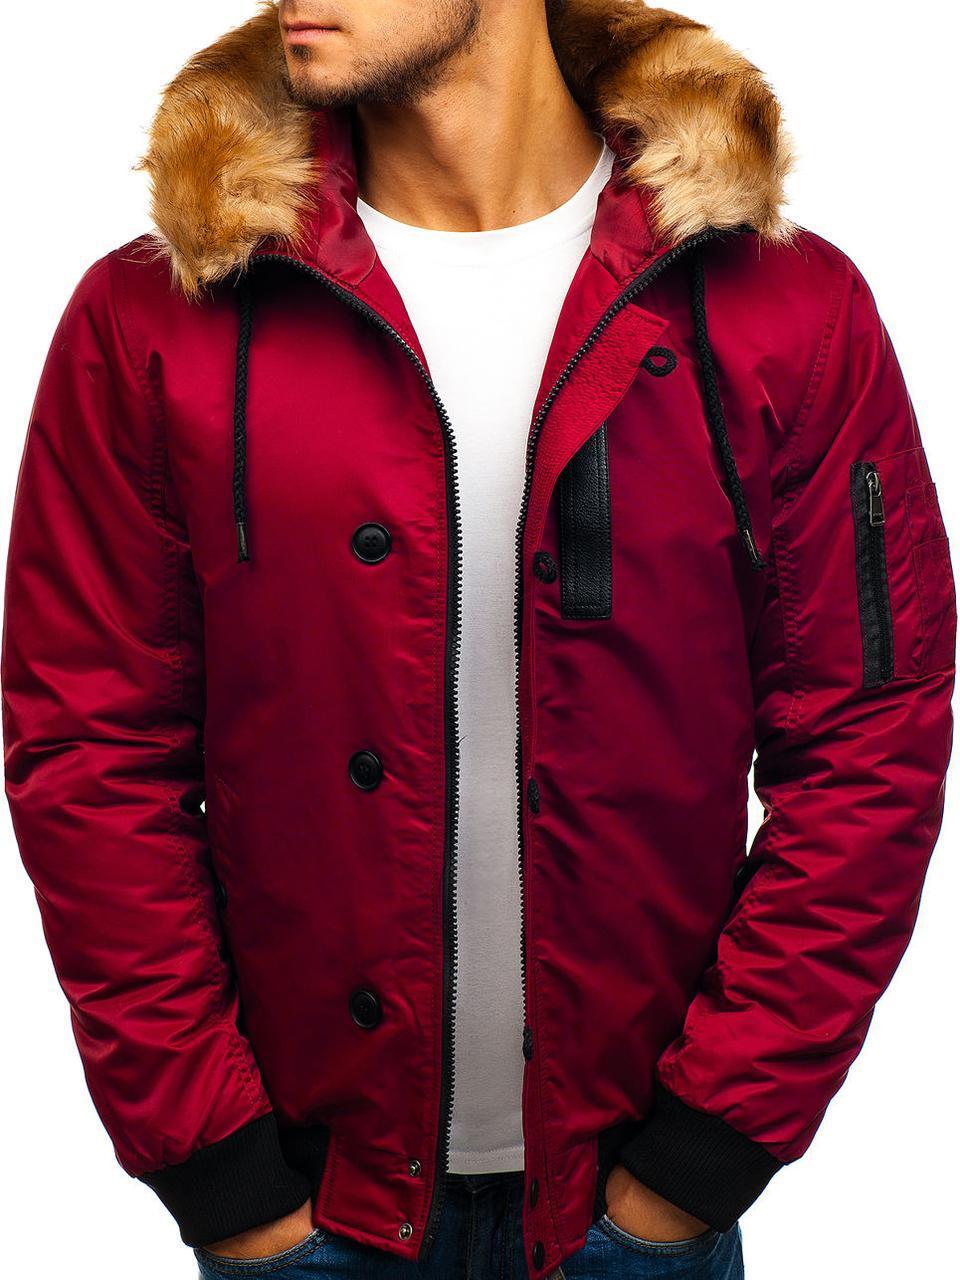 Куртка зимняя мужская с капюшоном №5 Бордовый